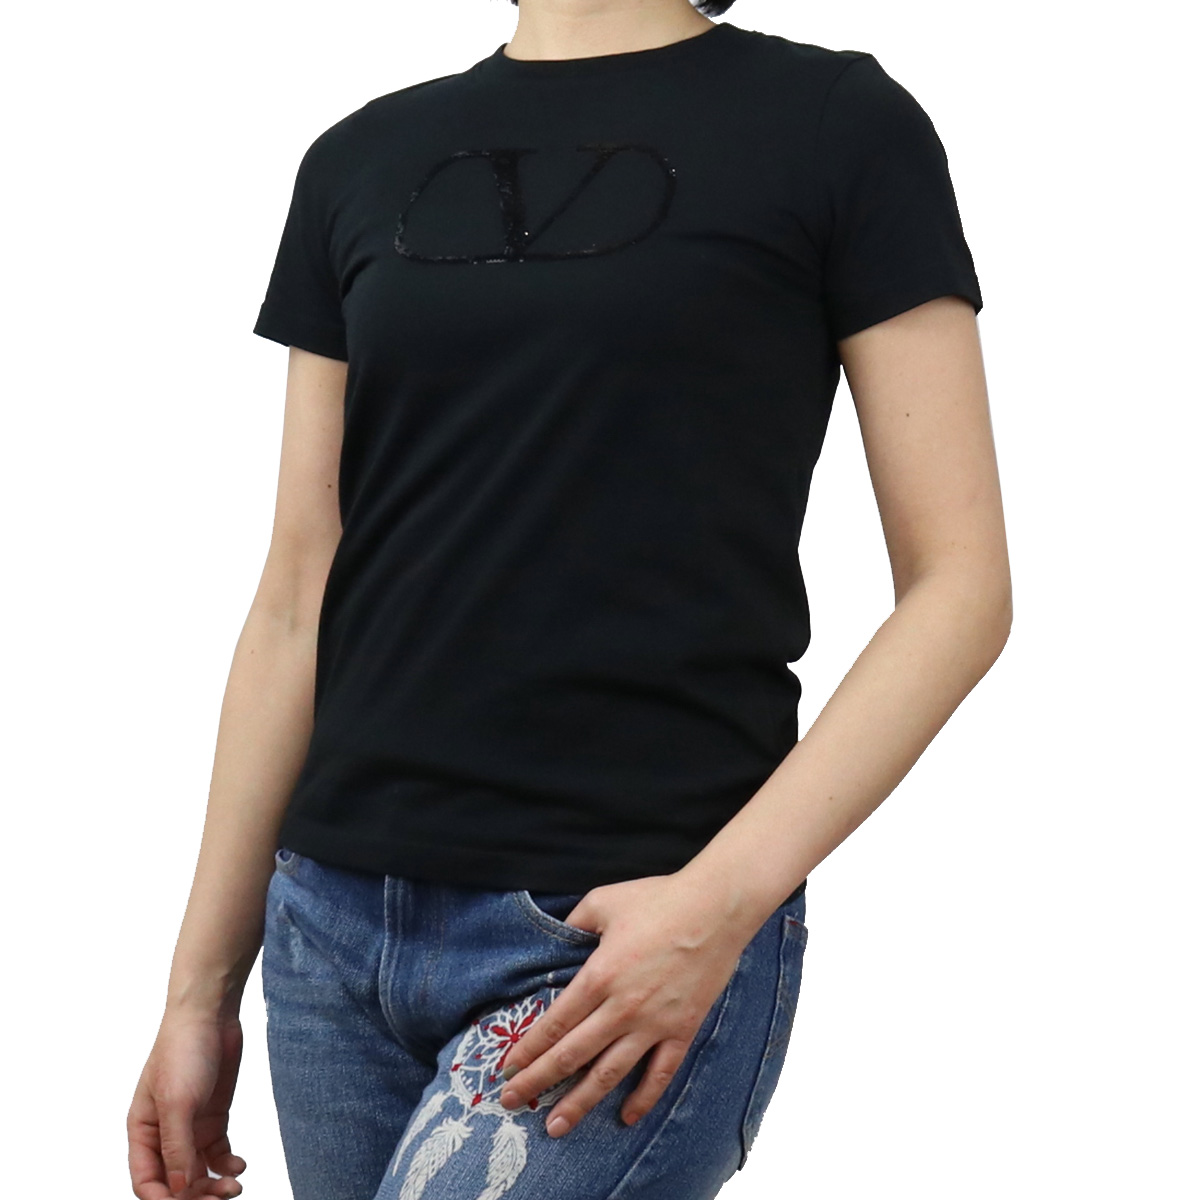 公式 ※ 送料無料 超激安 ラッピング無料 ヴァレンティノ VALENTINO レディース-Tシャツ UB3MG07Z 0NO レディース bos-18 ブラック ts-01 5Q2 apparel-01